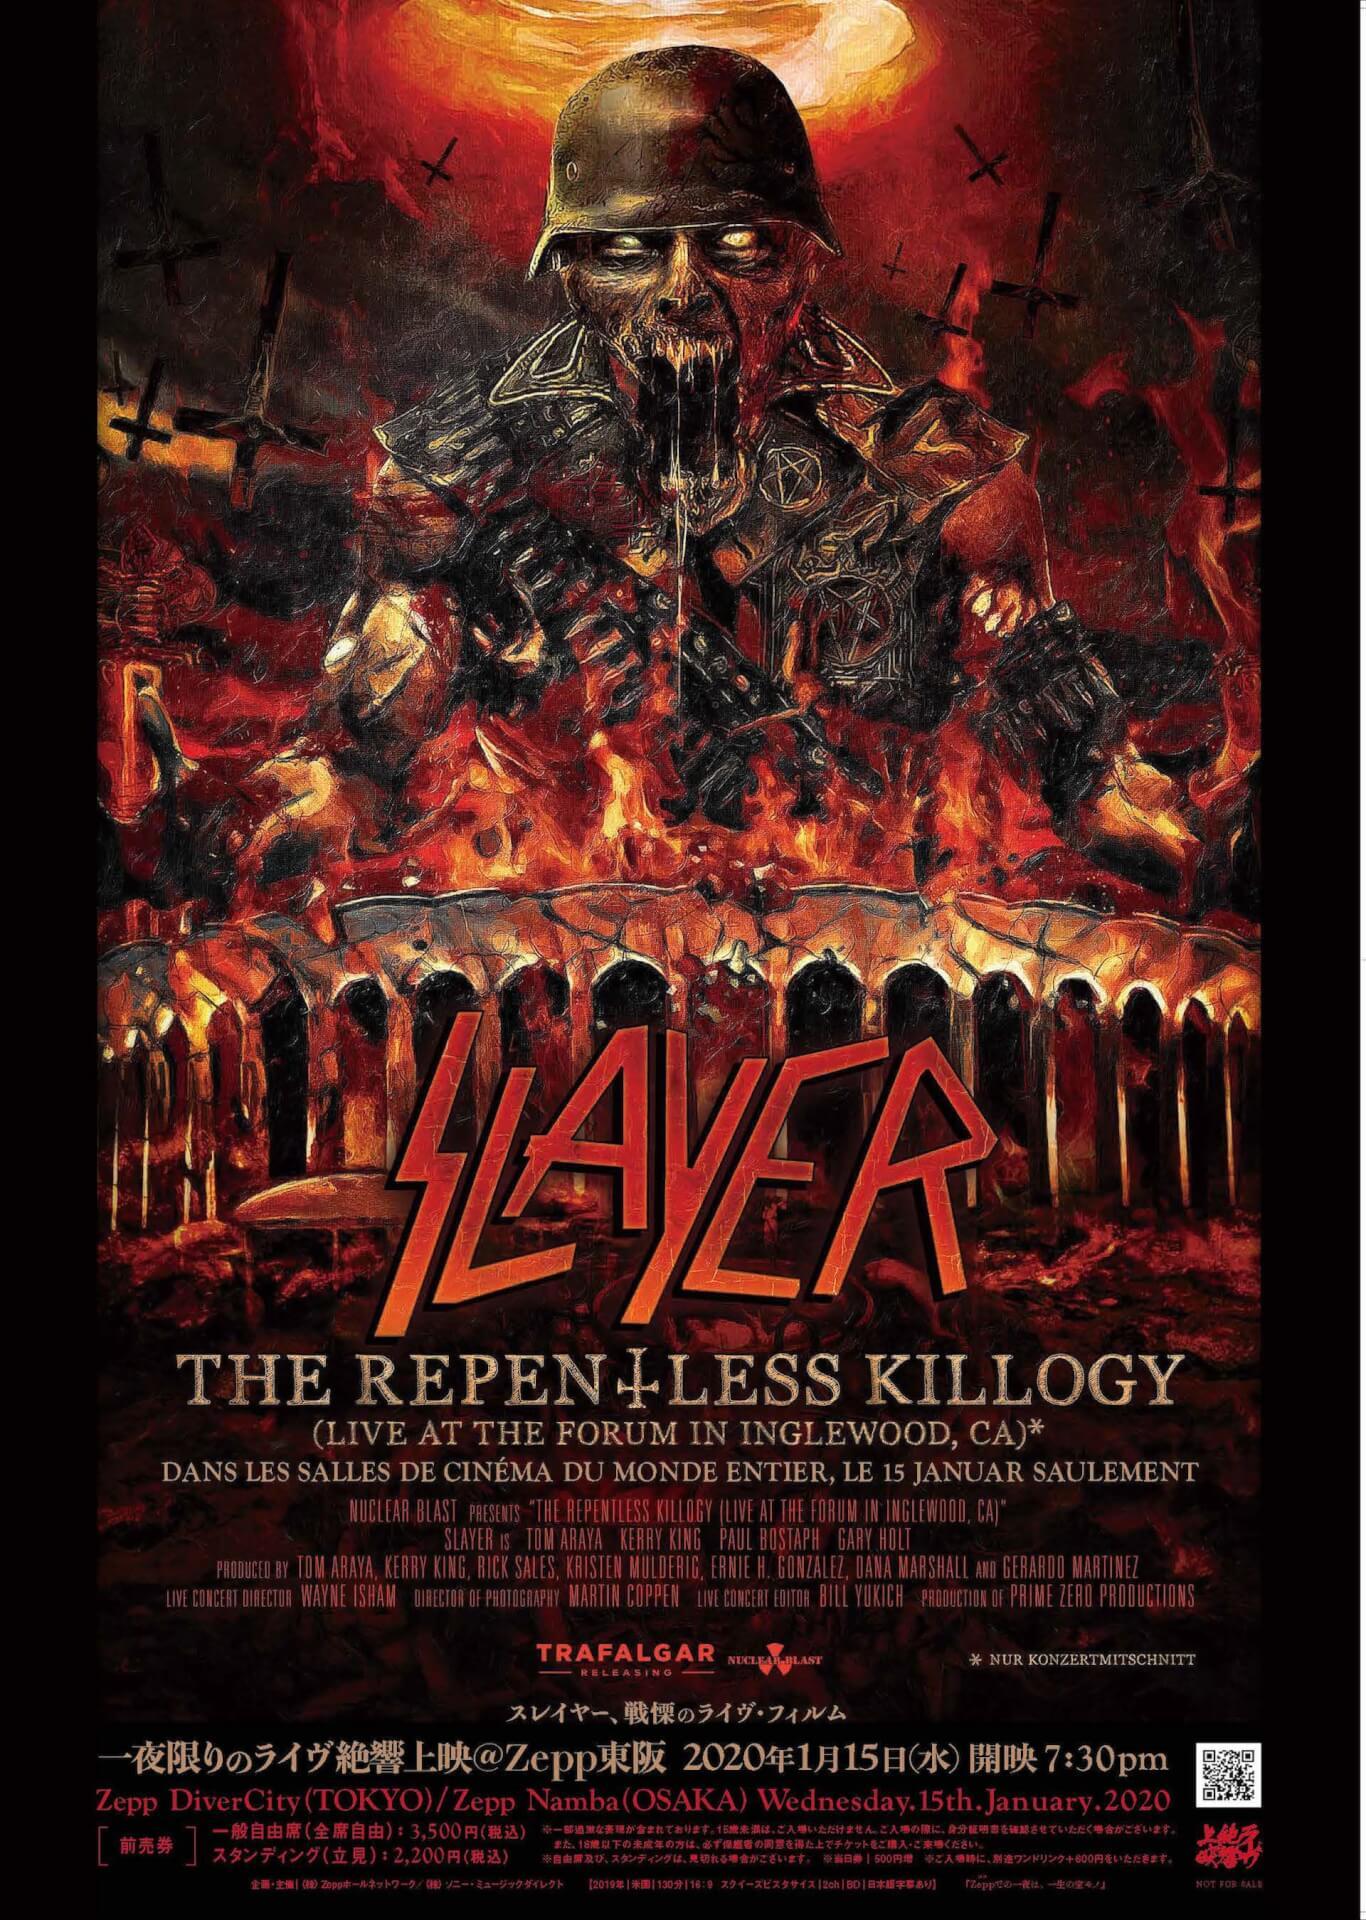 【チケプレ!】スレイヤーの轟音上映会でヘッドバンギング!ライブ・フィルム『SLAYER:THE REPENTLESS KILLOGY』のZepp上映会に計10組20名様をご招待! film191225_slayer_film_13